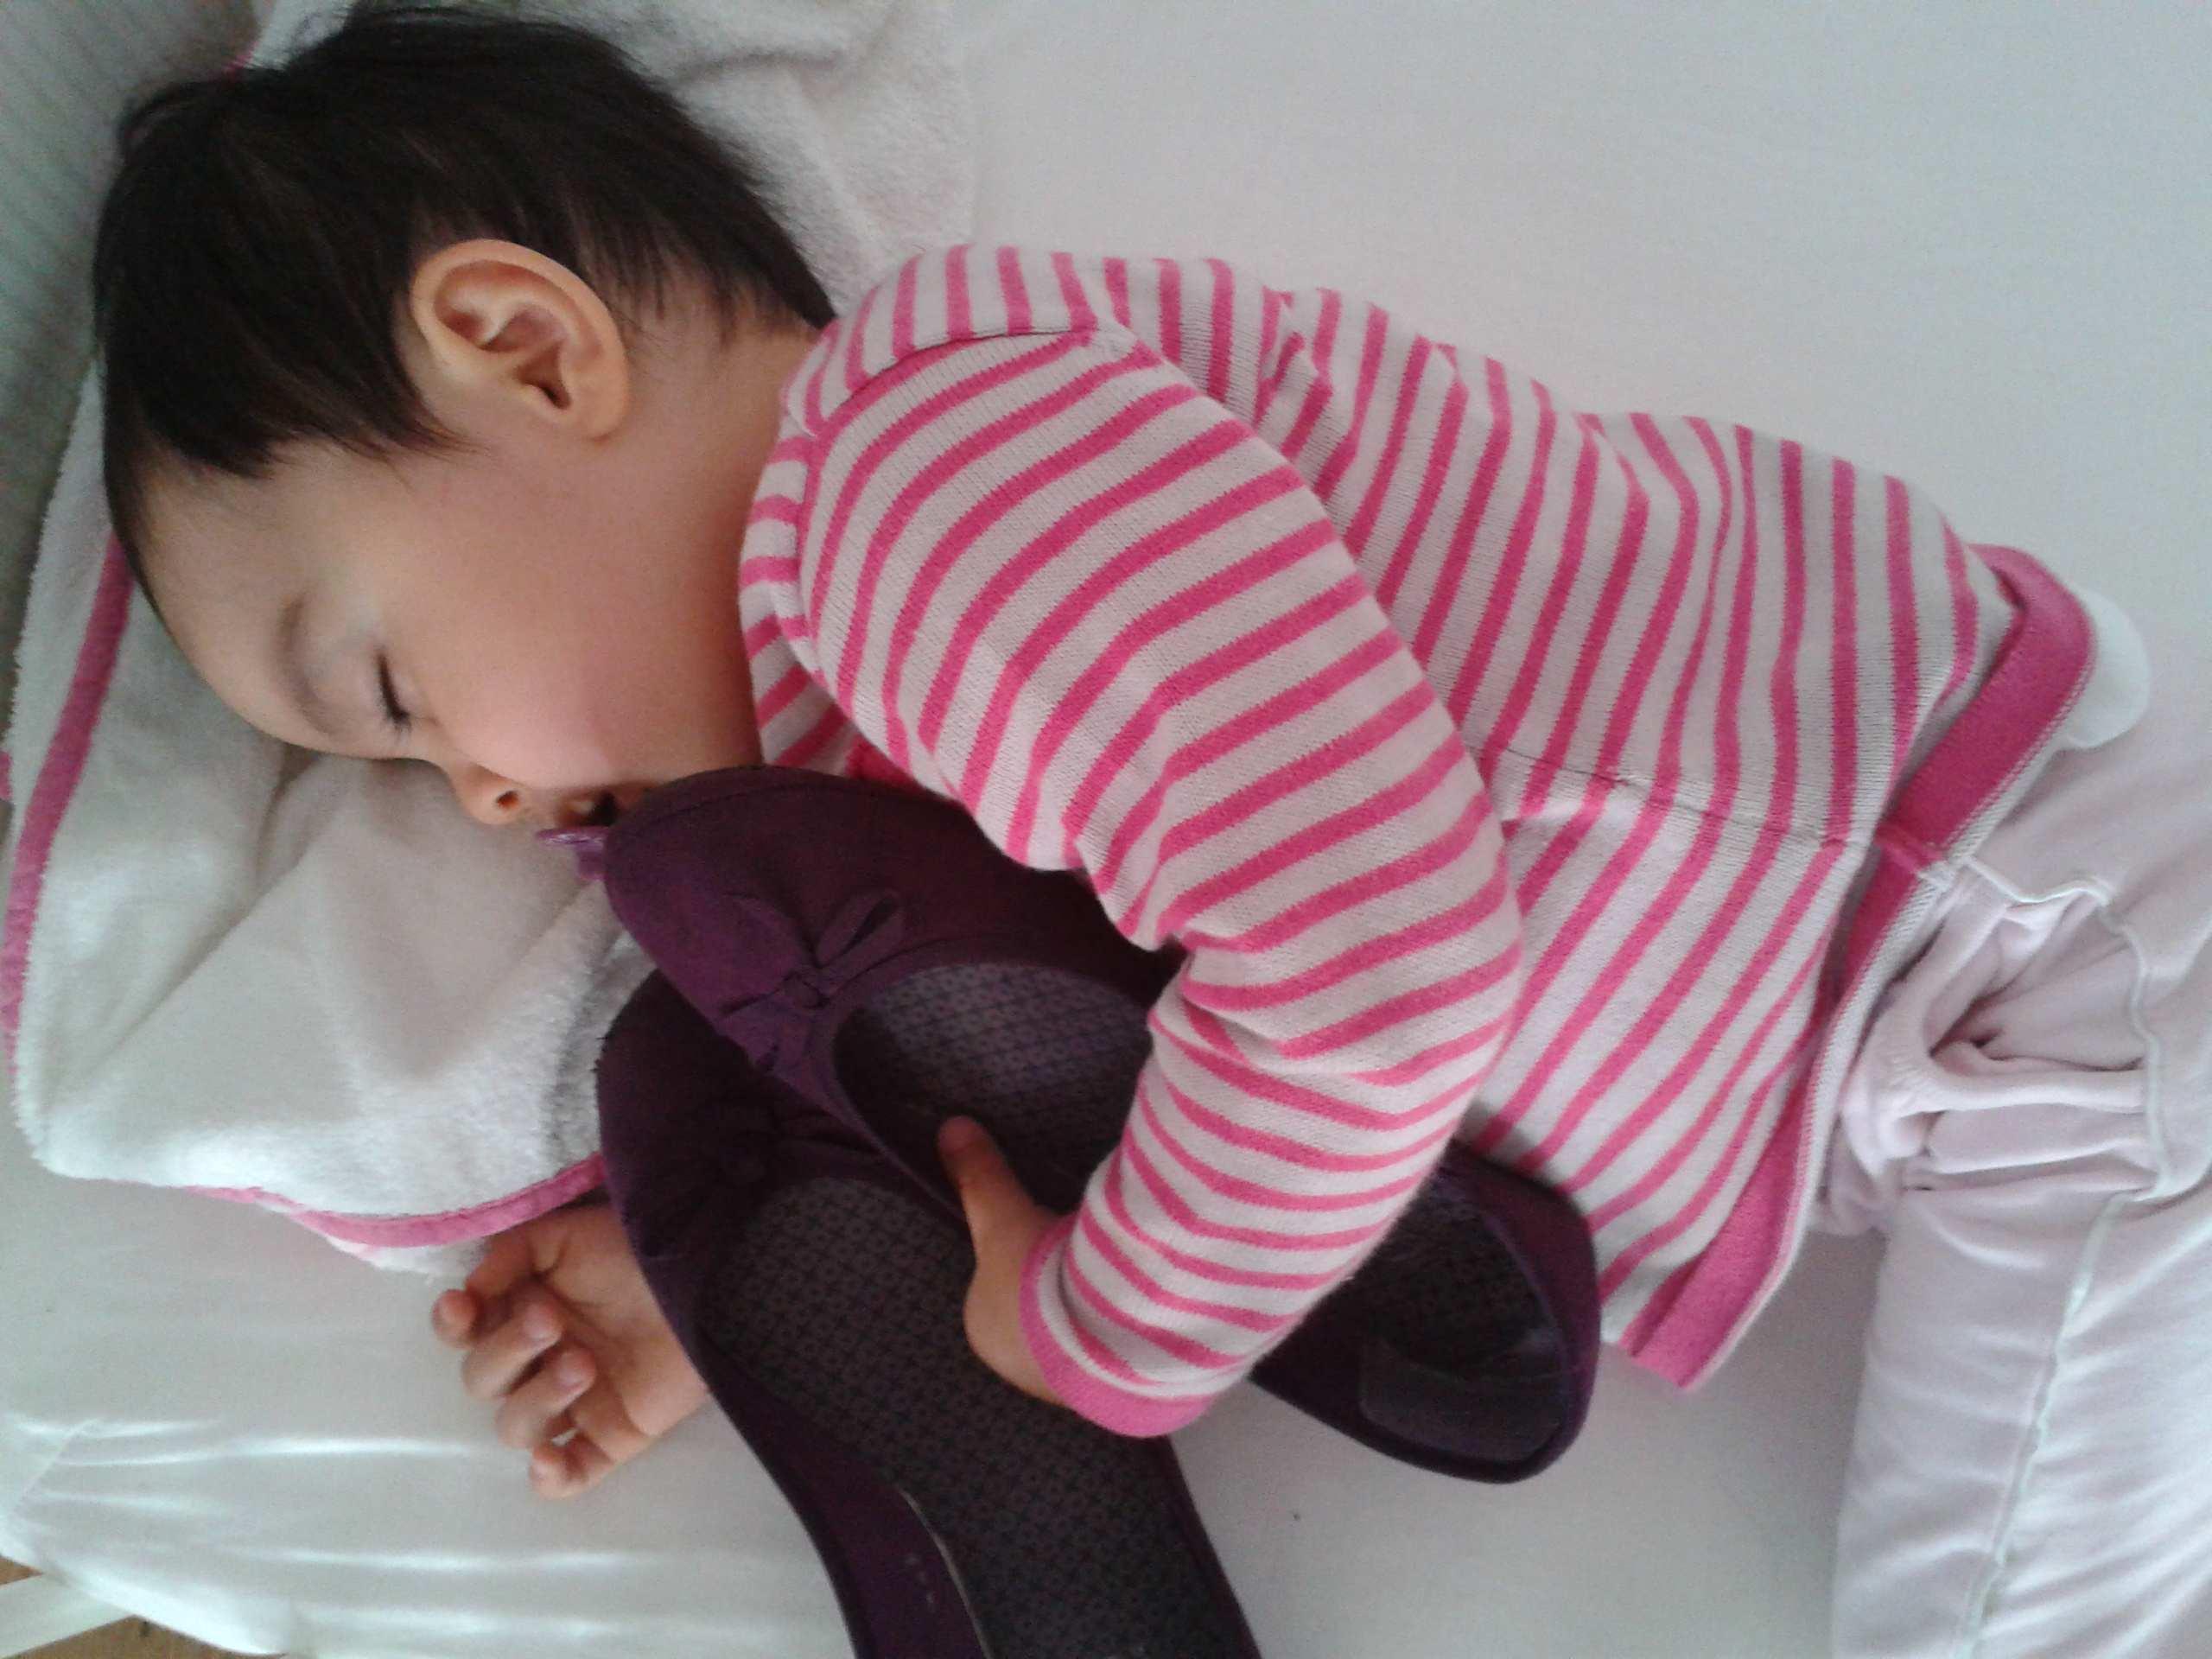 ディアナの靴が大好きな娘。ベビーベッドから手を伸ばして靴をとり、それを抱えたまま寝ていました。